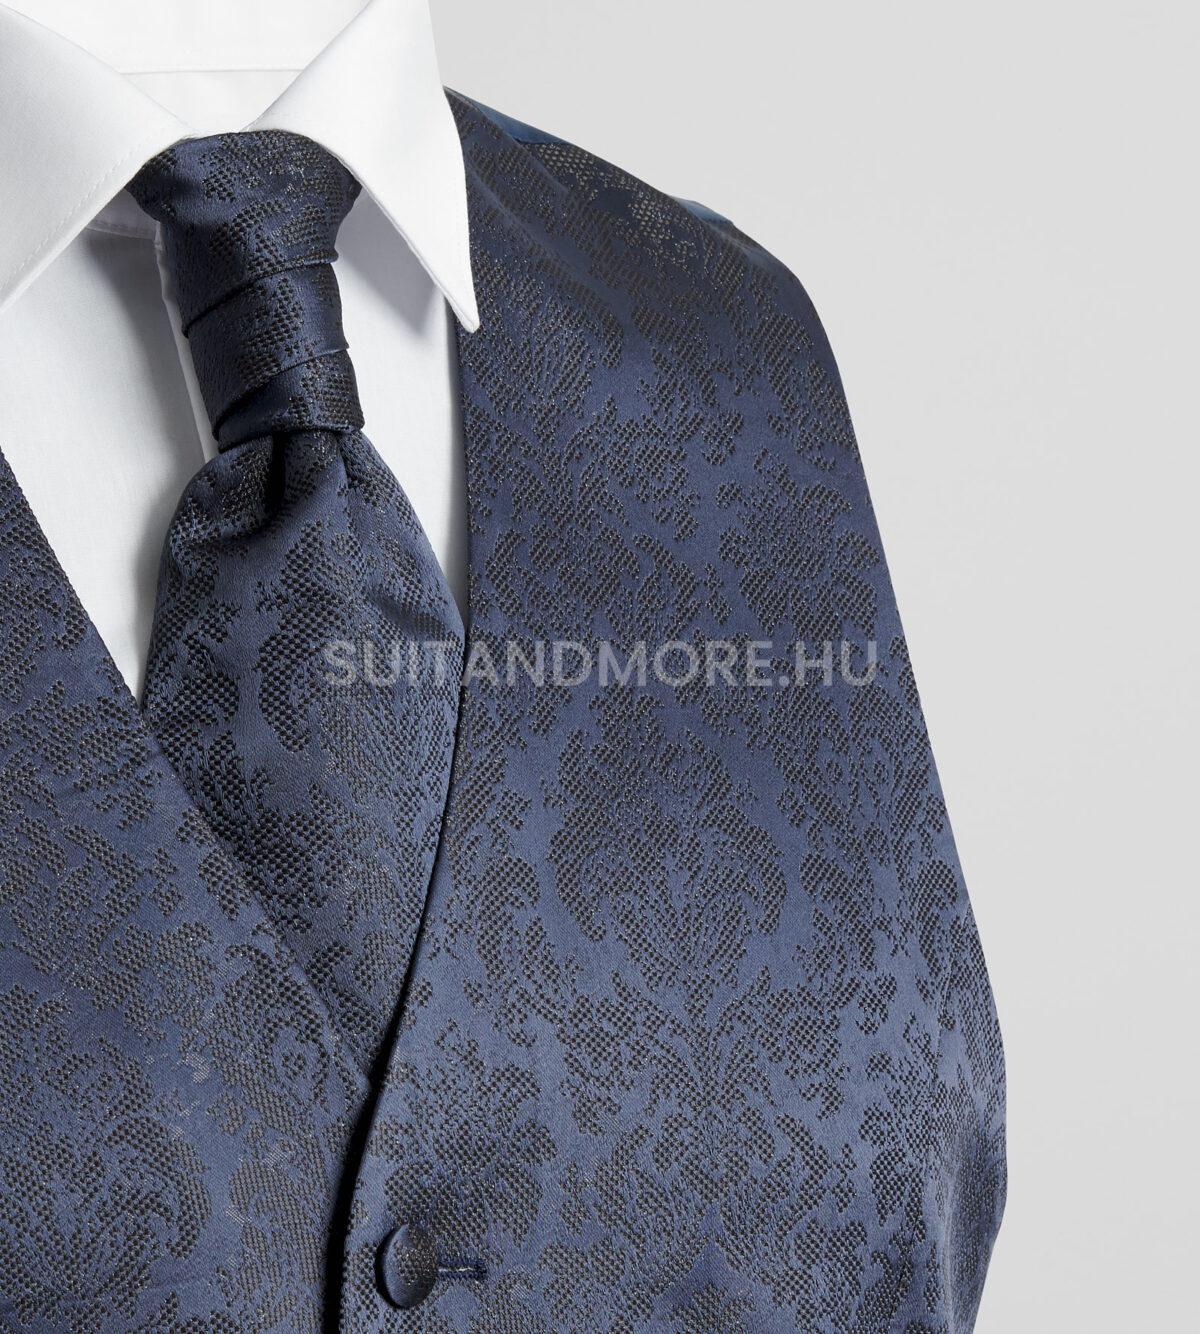 DIGEL-CEREMONY-sötétkék-modern-fit-barokk-mintás-esküvői-mellény-LAMBERT-1006916-24-LOY-LESS-1008916-24-07